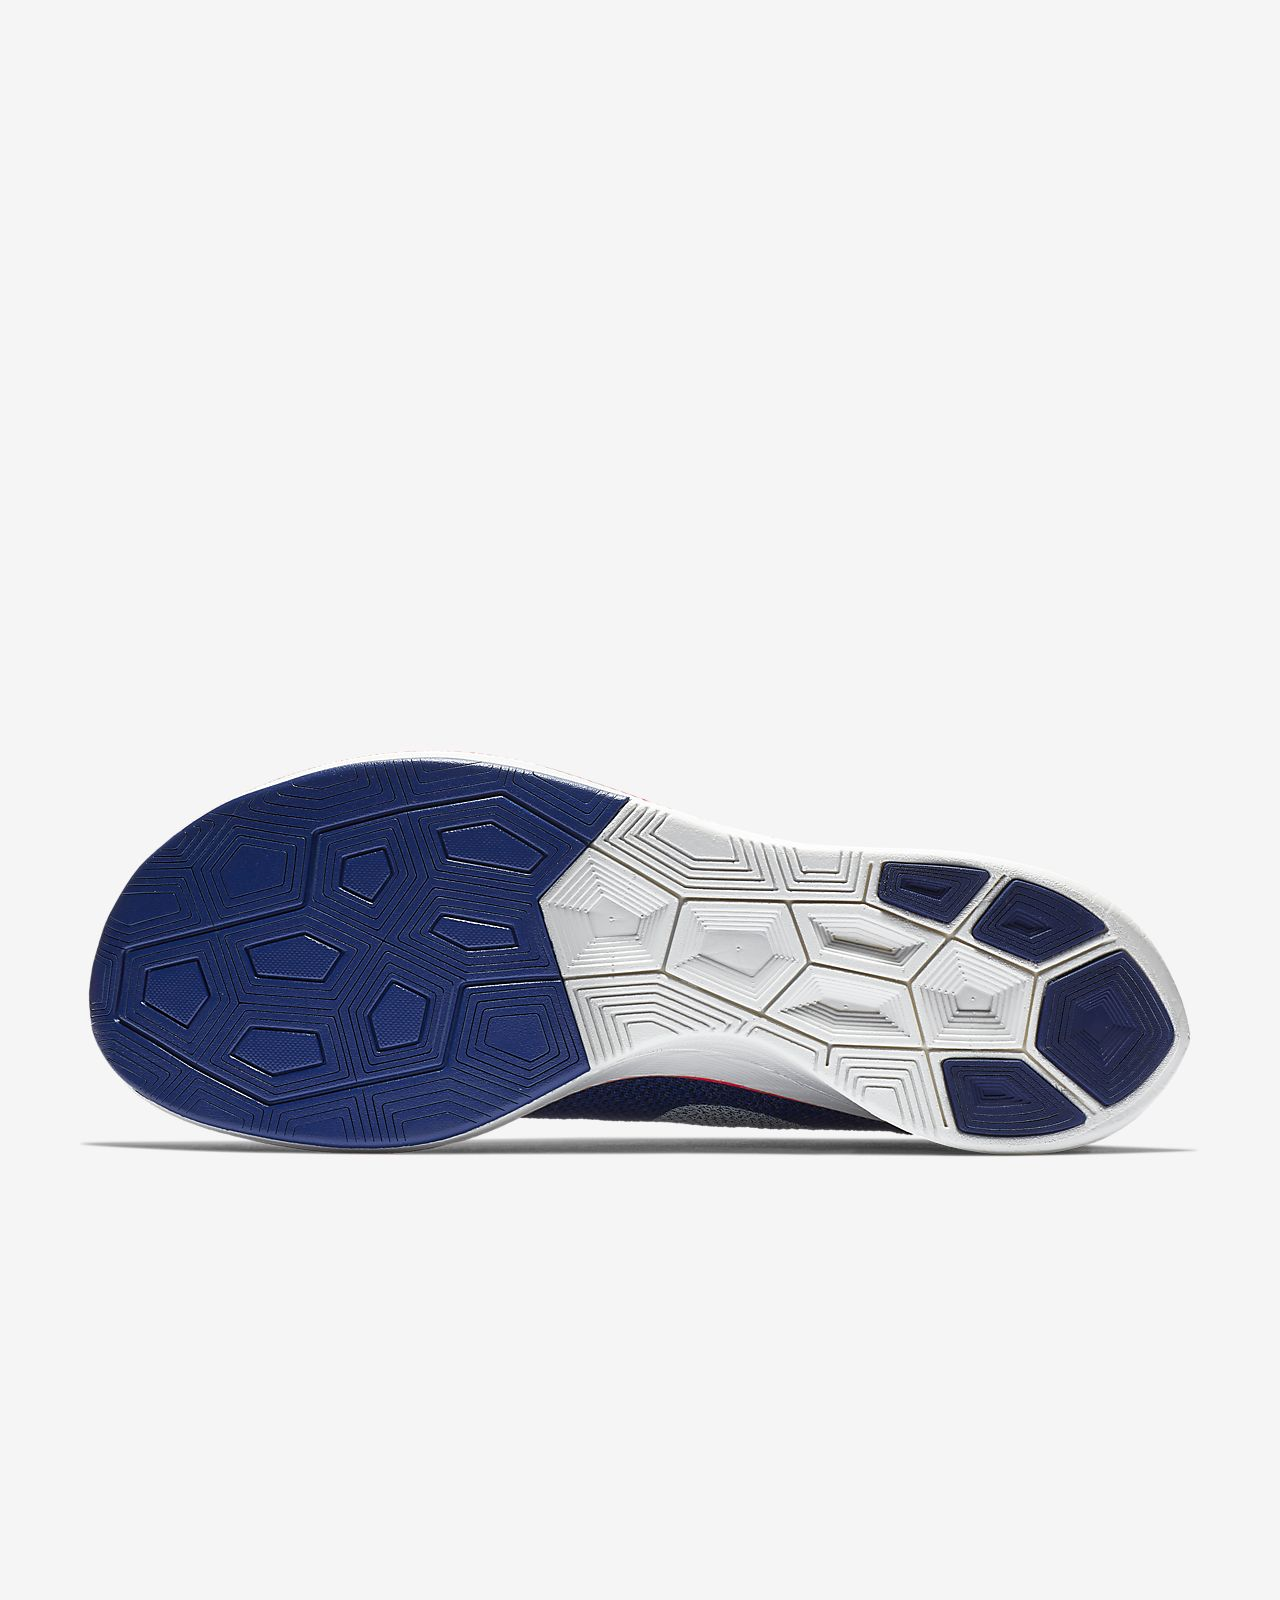 best website 90e30 aead0 ... Löparsko Nike Vaporfly 4% Flyknit